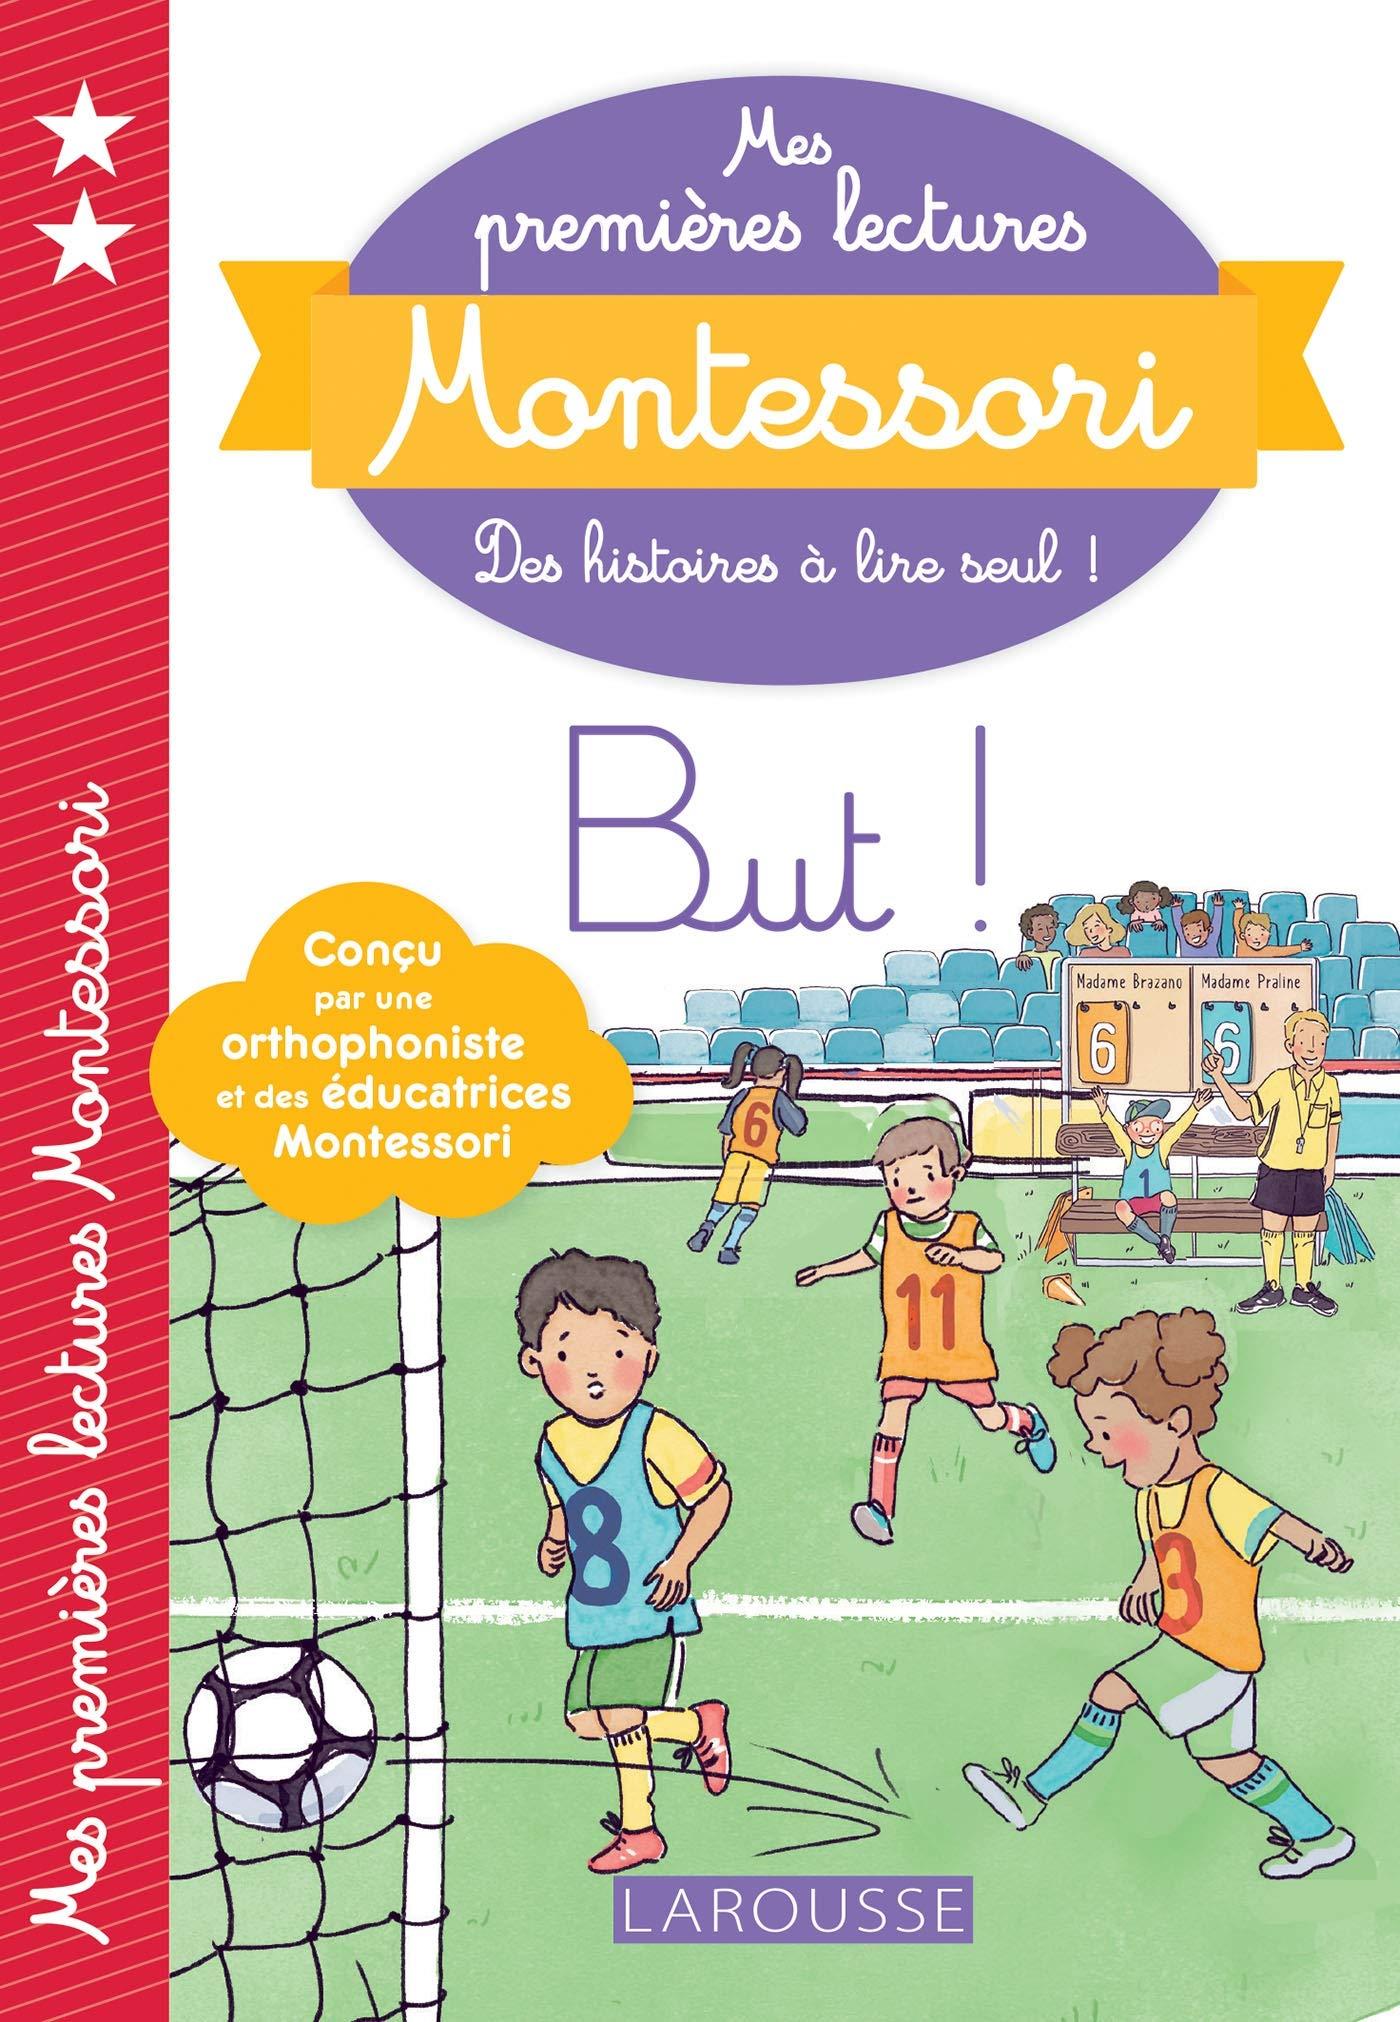 Mes premières lectures Montessori - But ! por Anaïs Galon